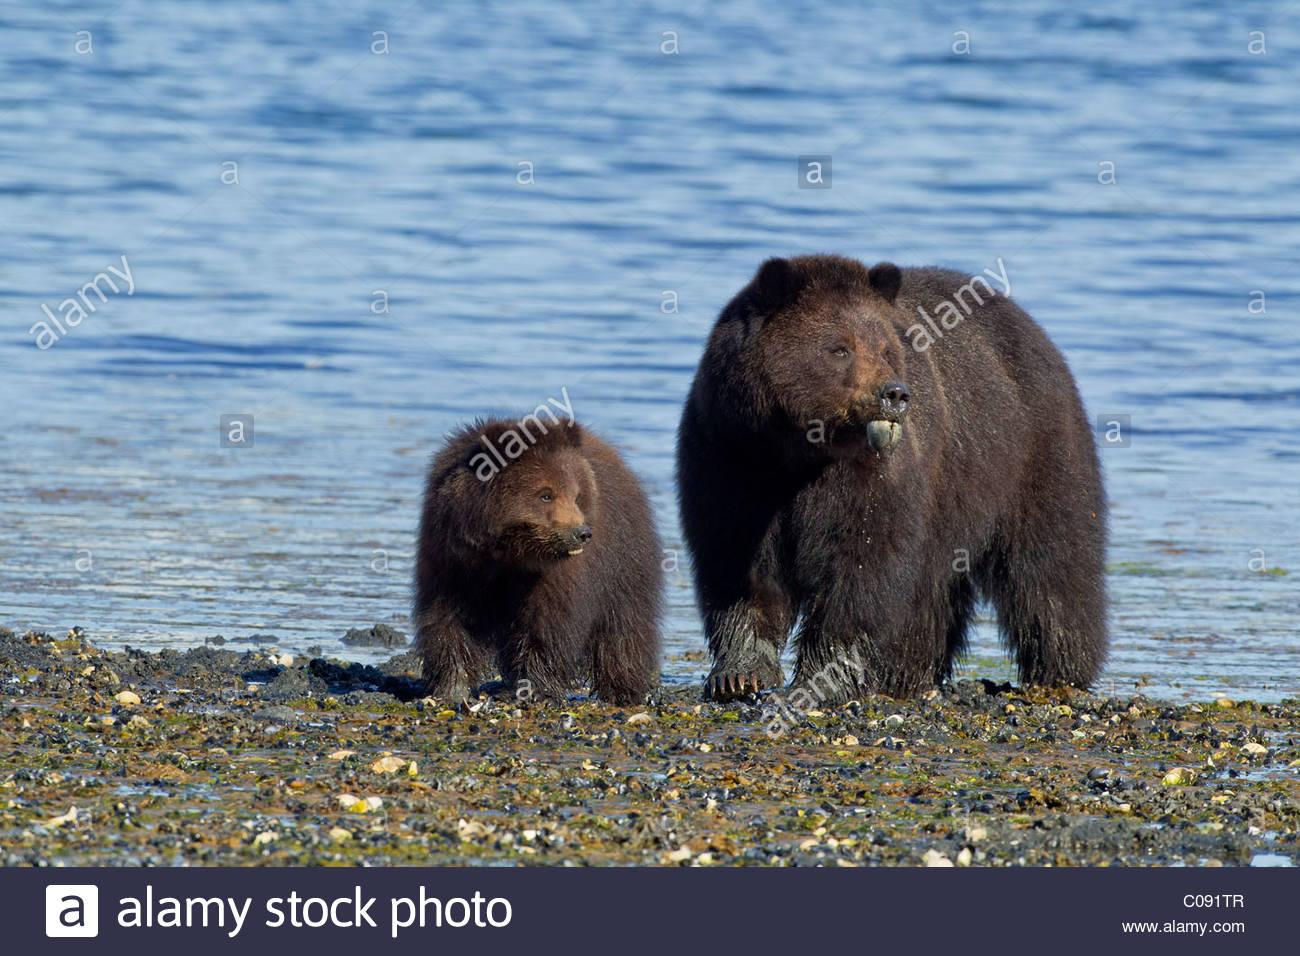 Los osos pardos de comer cucharada gusanos (echiuroid) y las almejas, a lo  largo de la costa, en la Isla del Almirantazgo Tongass National Forest,  Alaska